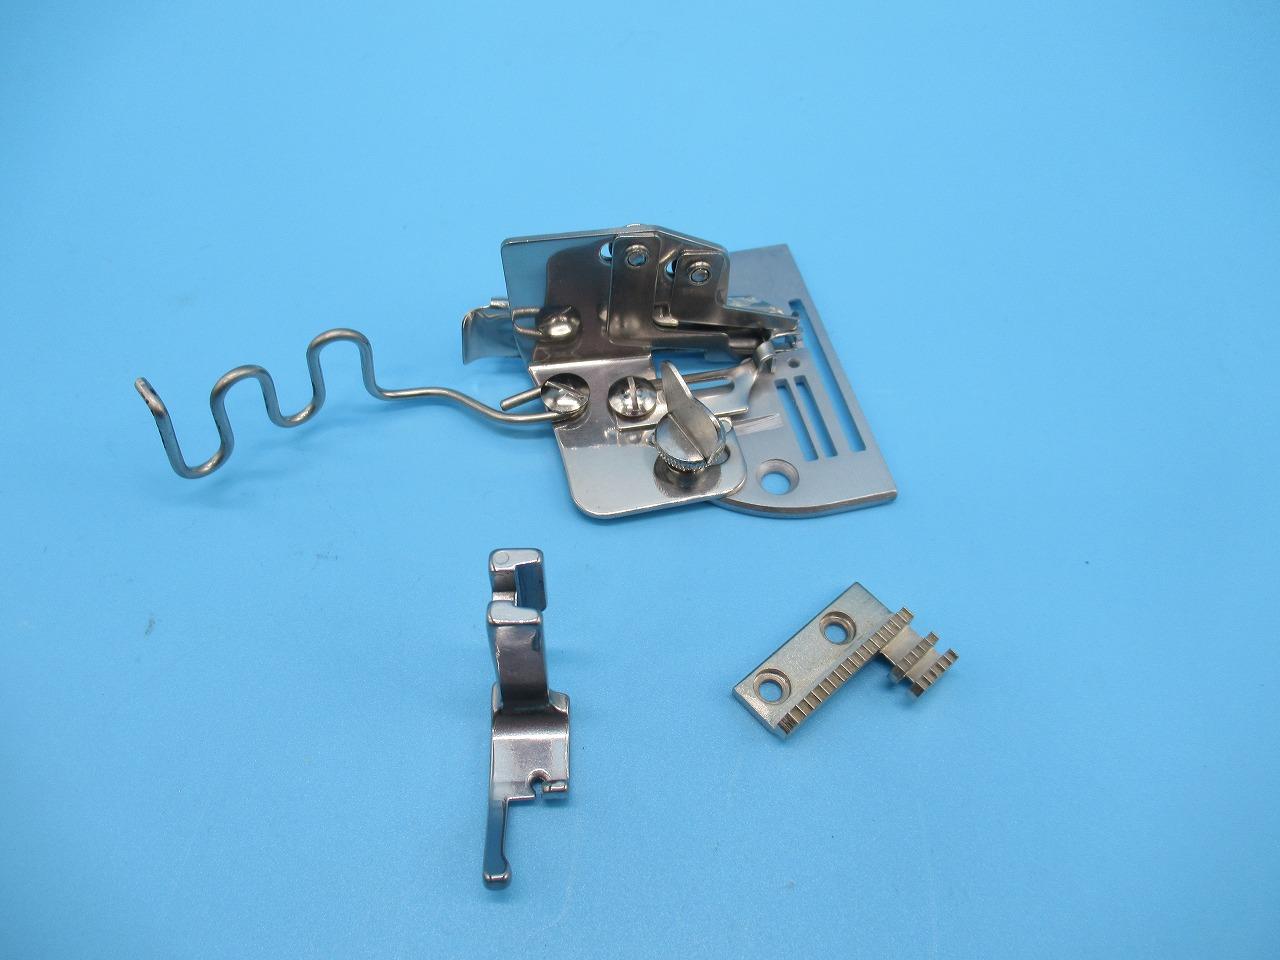 価格 交渉 送料無料 送料無料カード決済可能 新品 HASHIMA HAK2 12-6mm 各メーカー1本針本縫いミシンに取り付けてお使いいただけます テープ幅12mm 仕上がり幅6mmの2つ巻きバインダーです